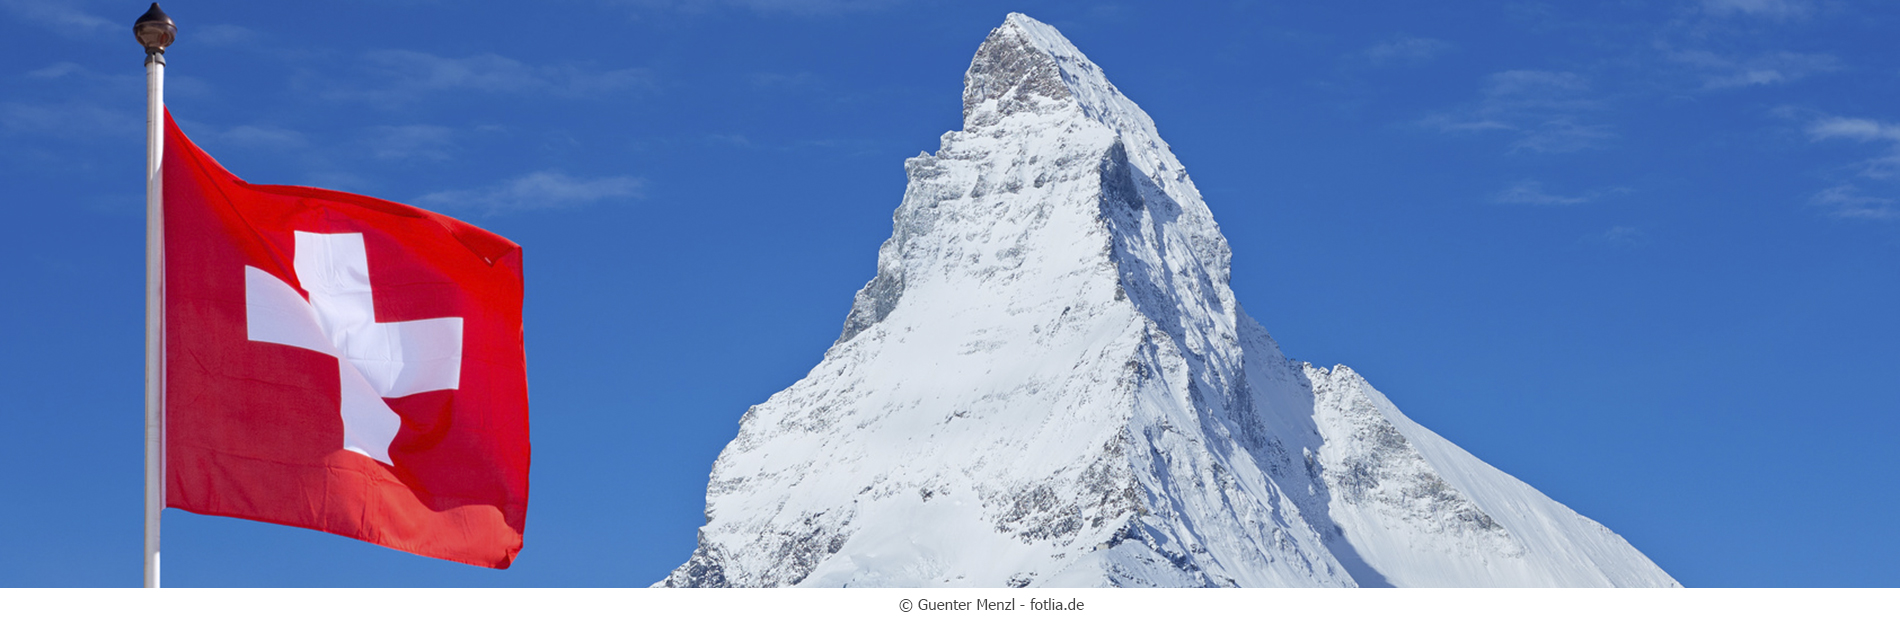 Matterhorn_Zermatt